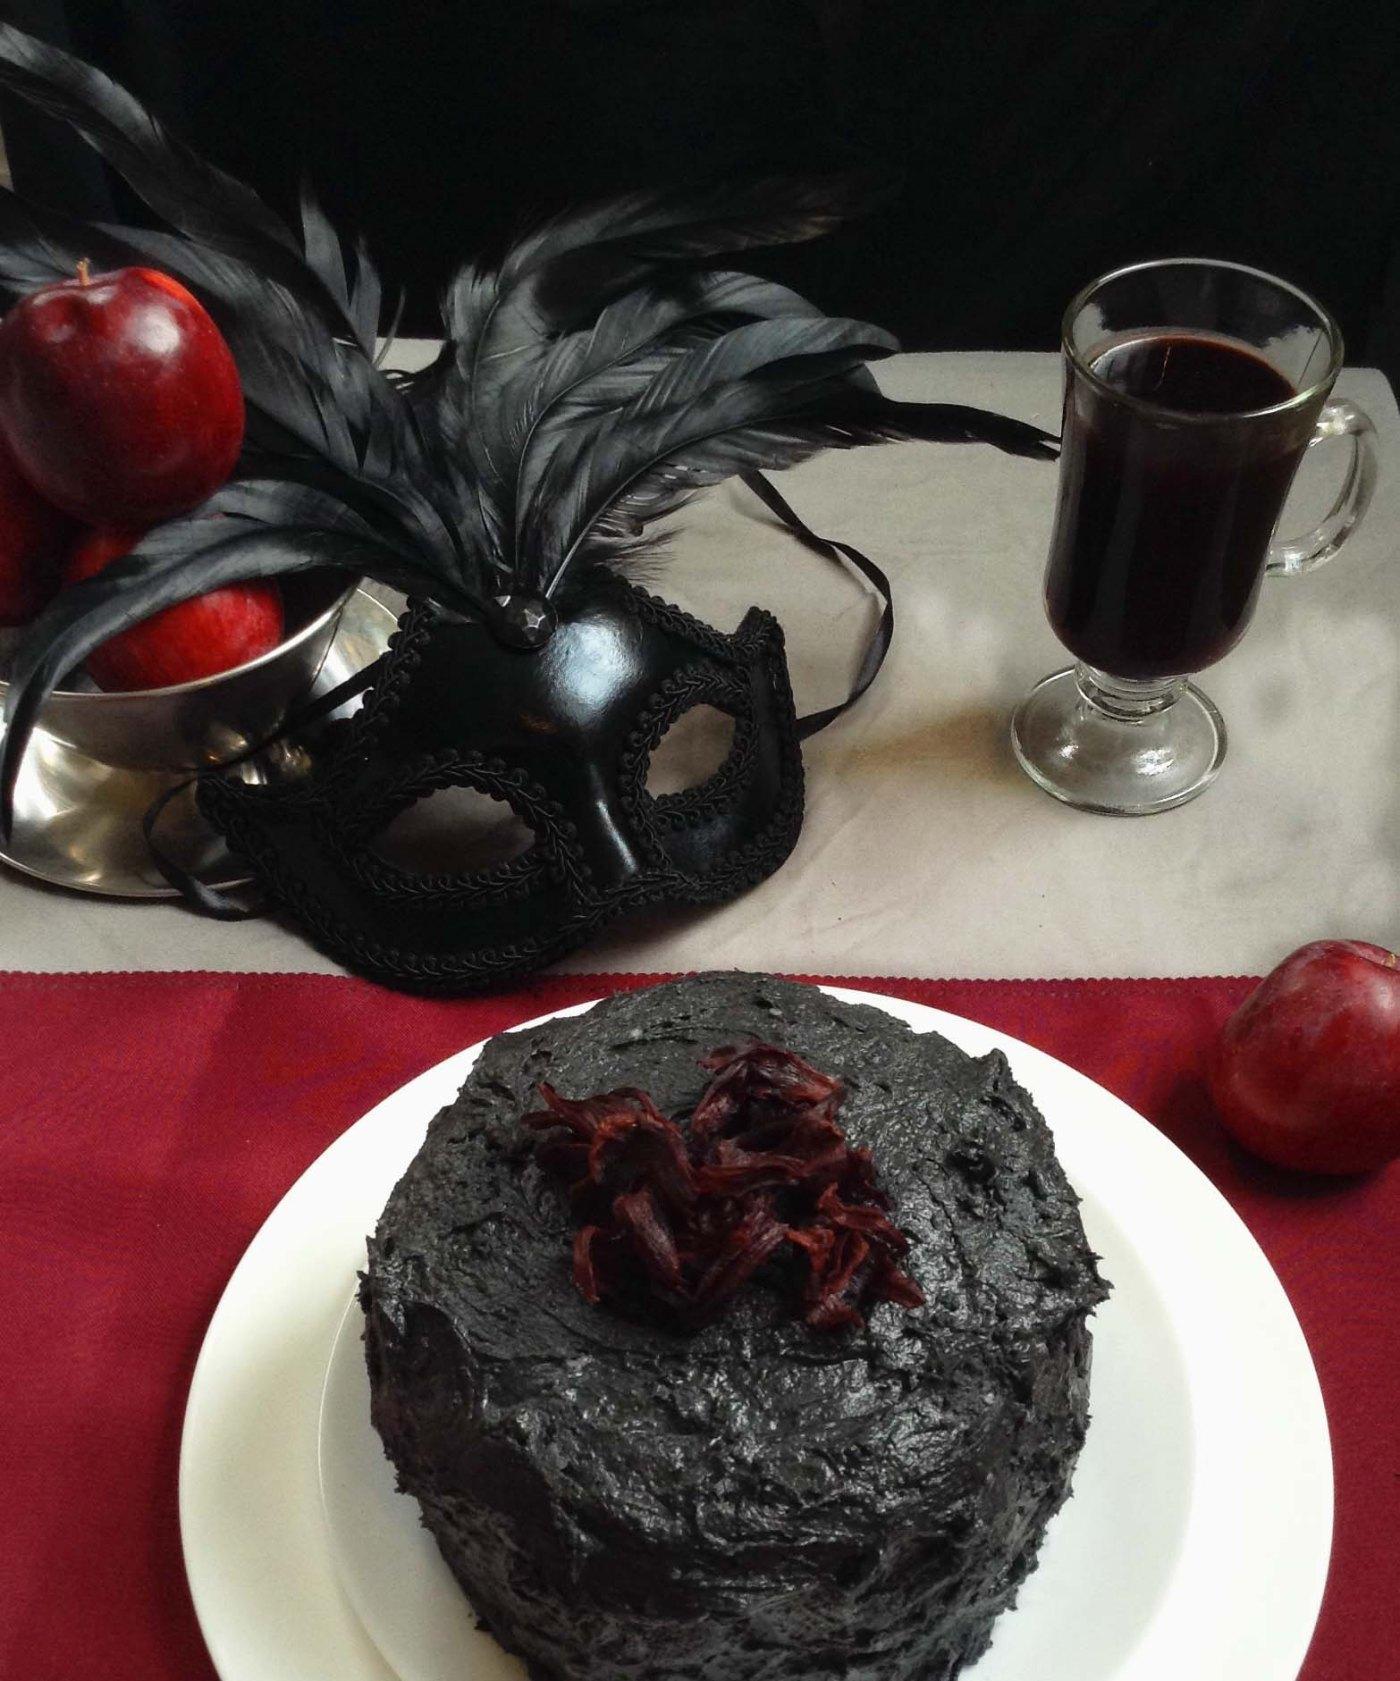 devils-food-cake-web-test